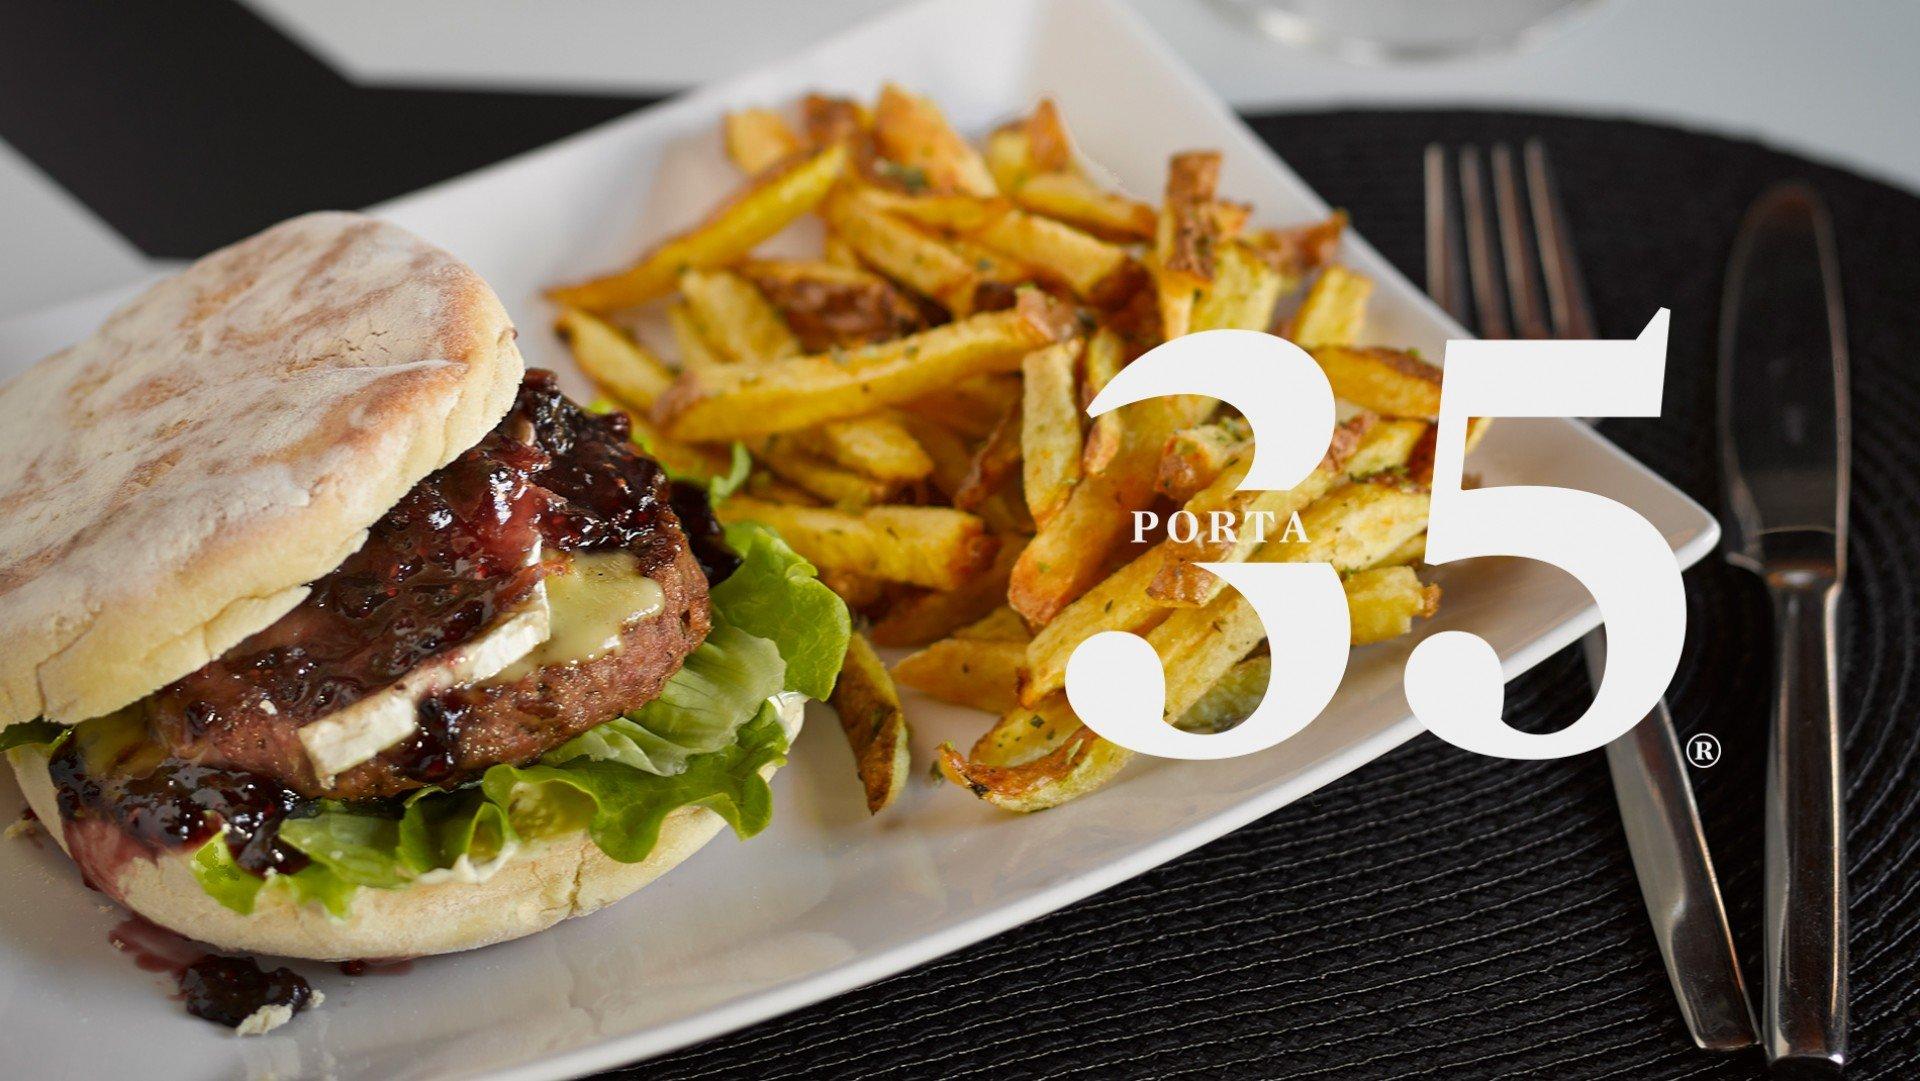 hamburguer porta 35